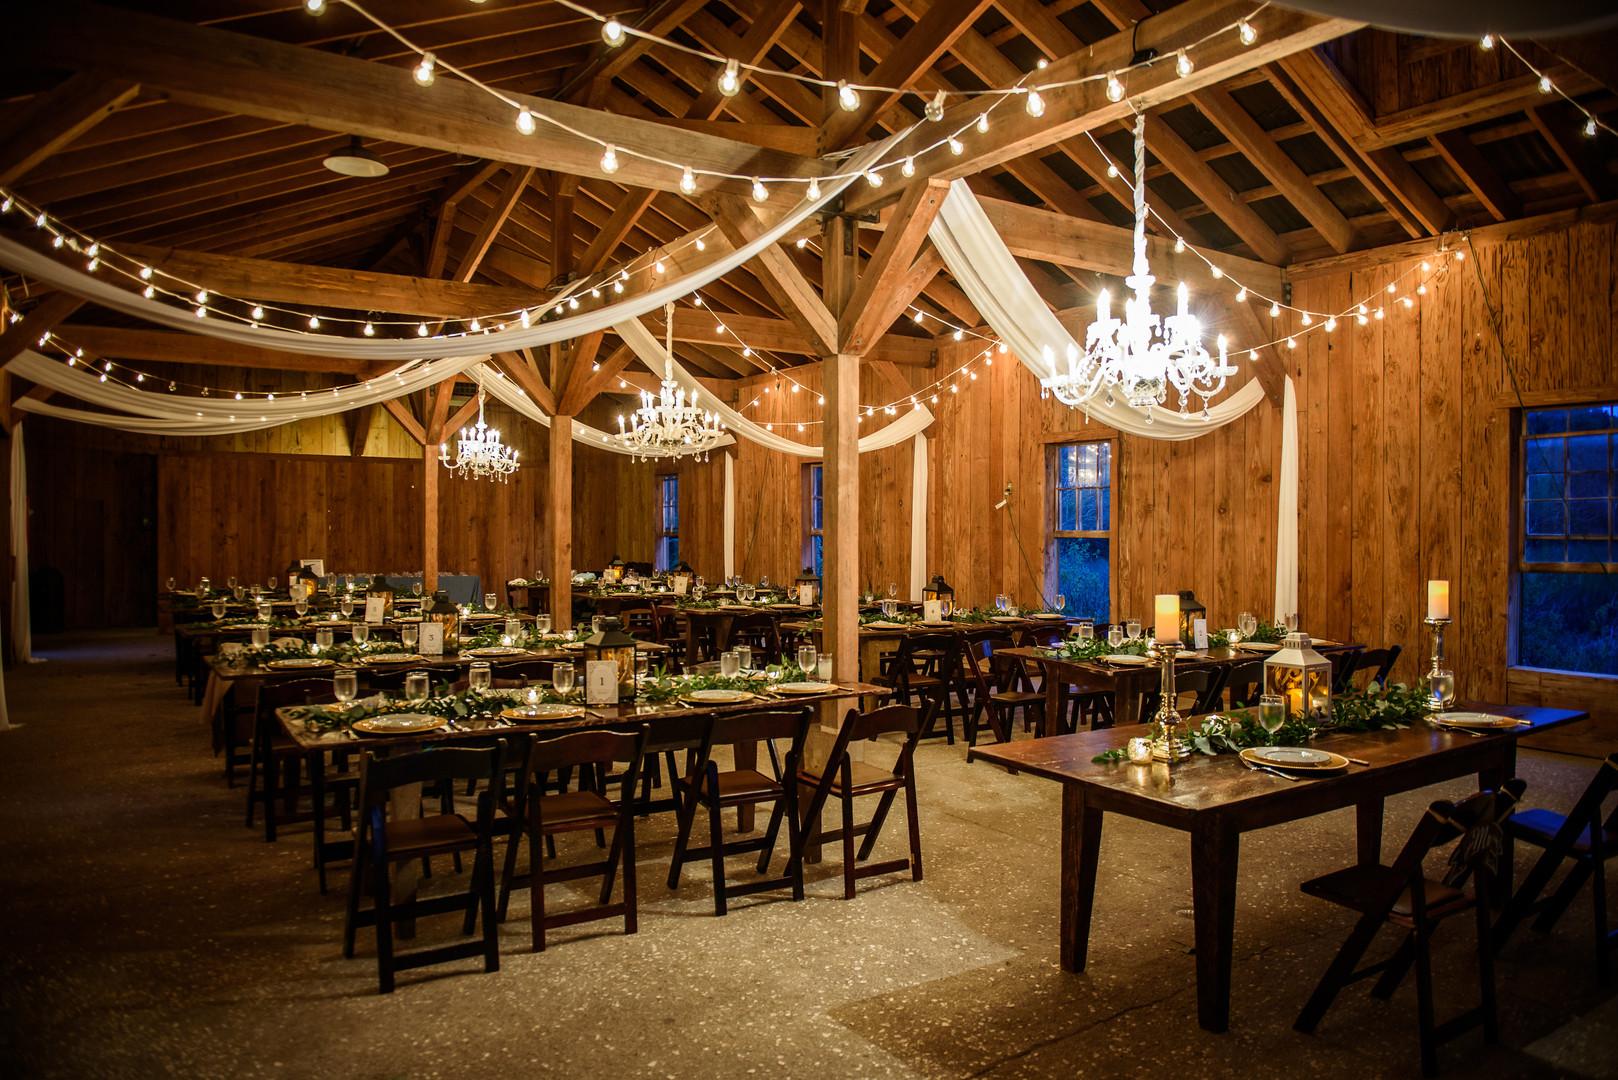 boone-hall-plantation-wedding-31.jpg